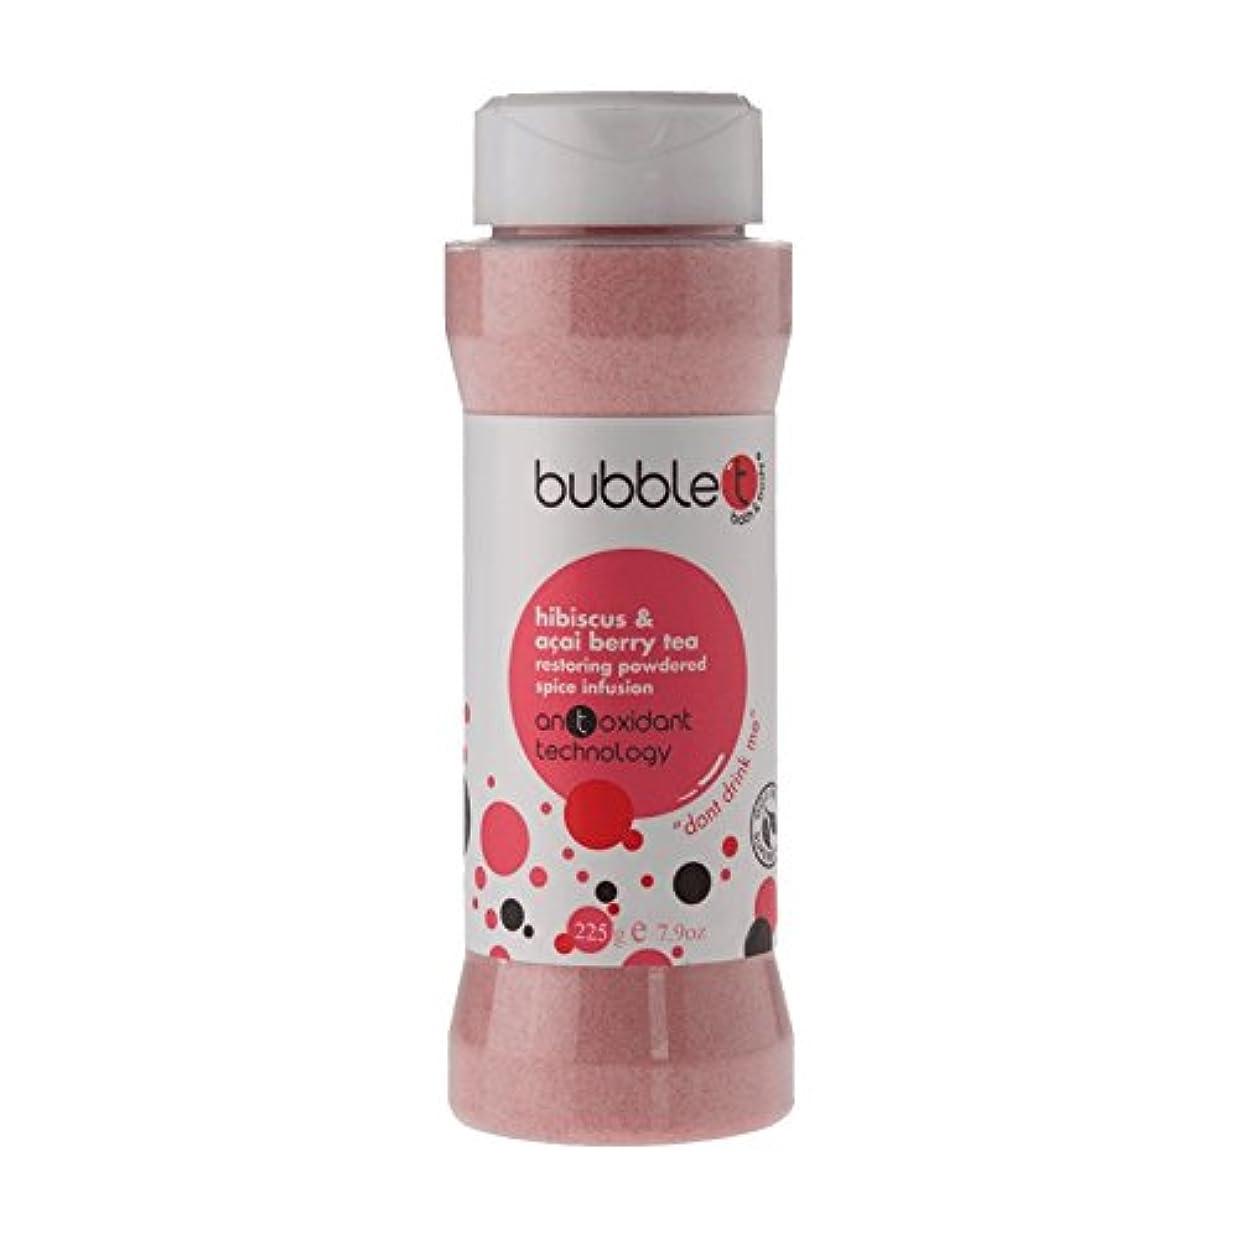 不適ペット期限バブルトン風呂スパイス注入ハイビスカス&アサイベリー茶225グラム - Bubble T Bath Spice Infusion Hibiscus & Acai Berry Tea 225g (Bubble T) [並行輸入品]